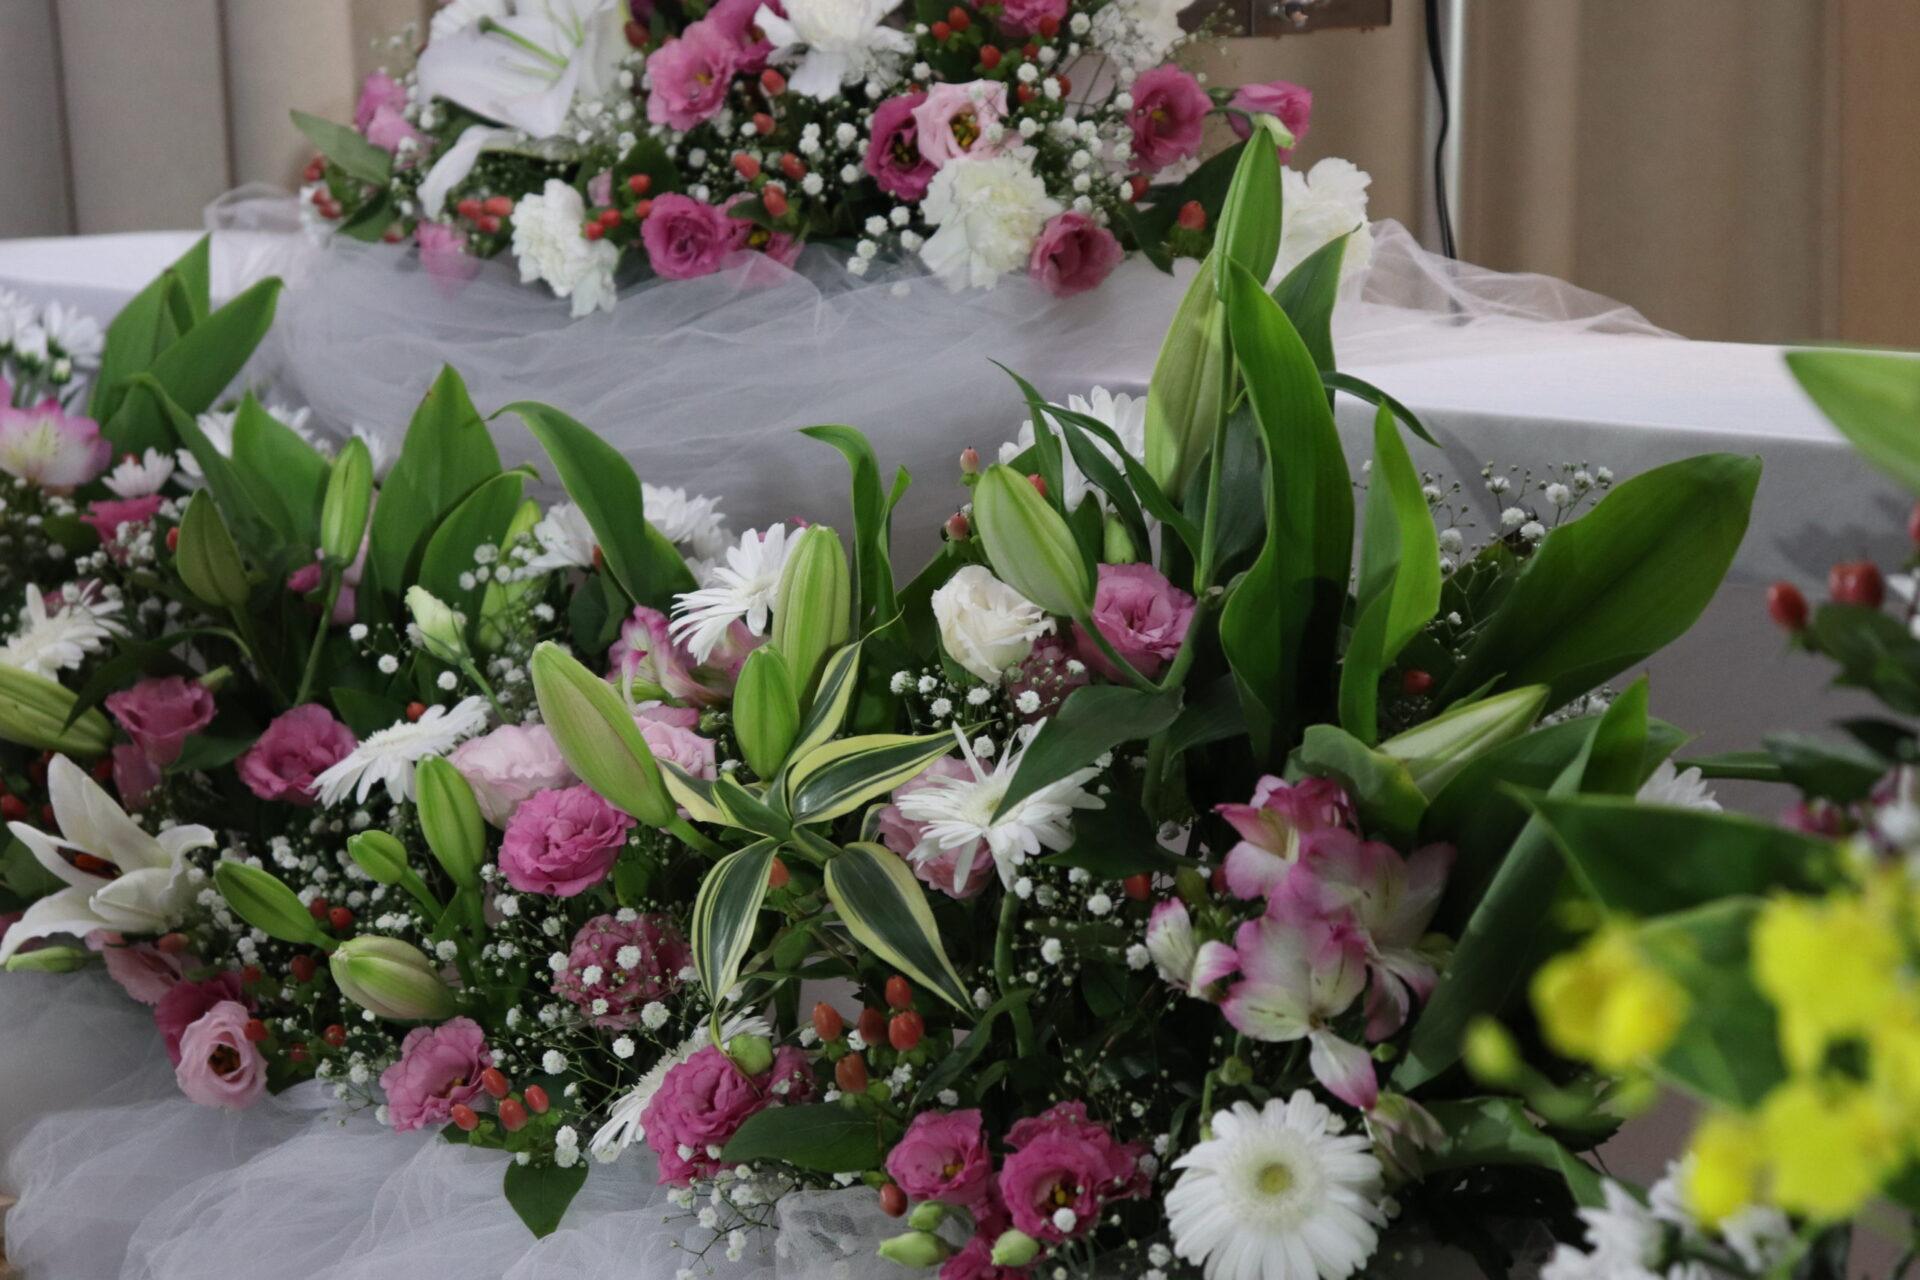 鮮やかな生花に囲まれて